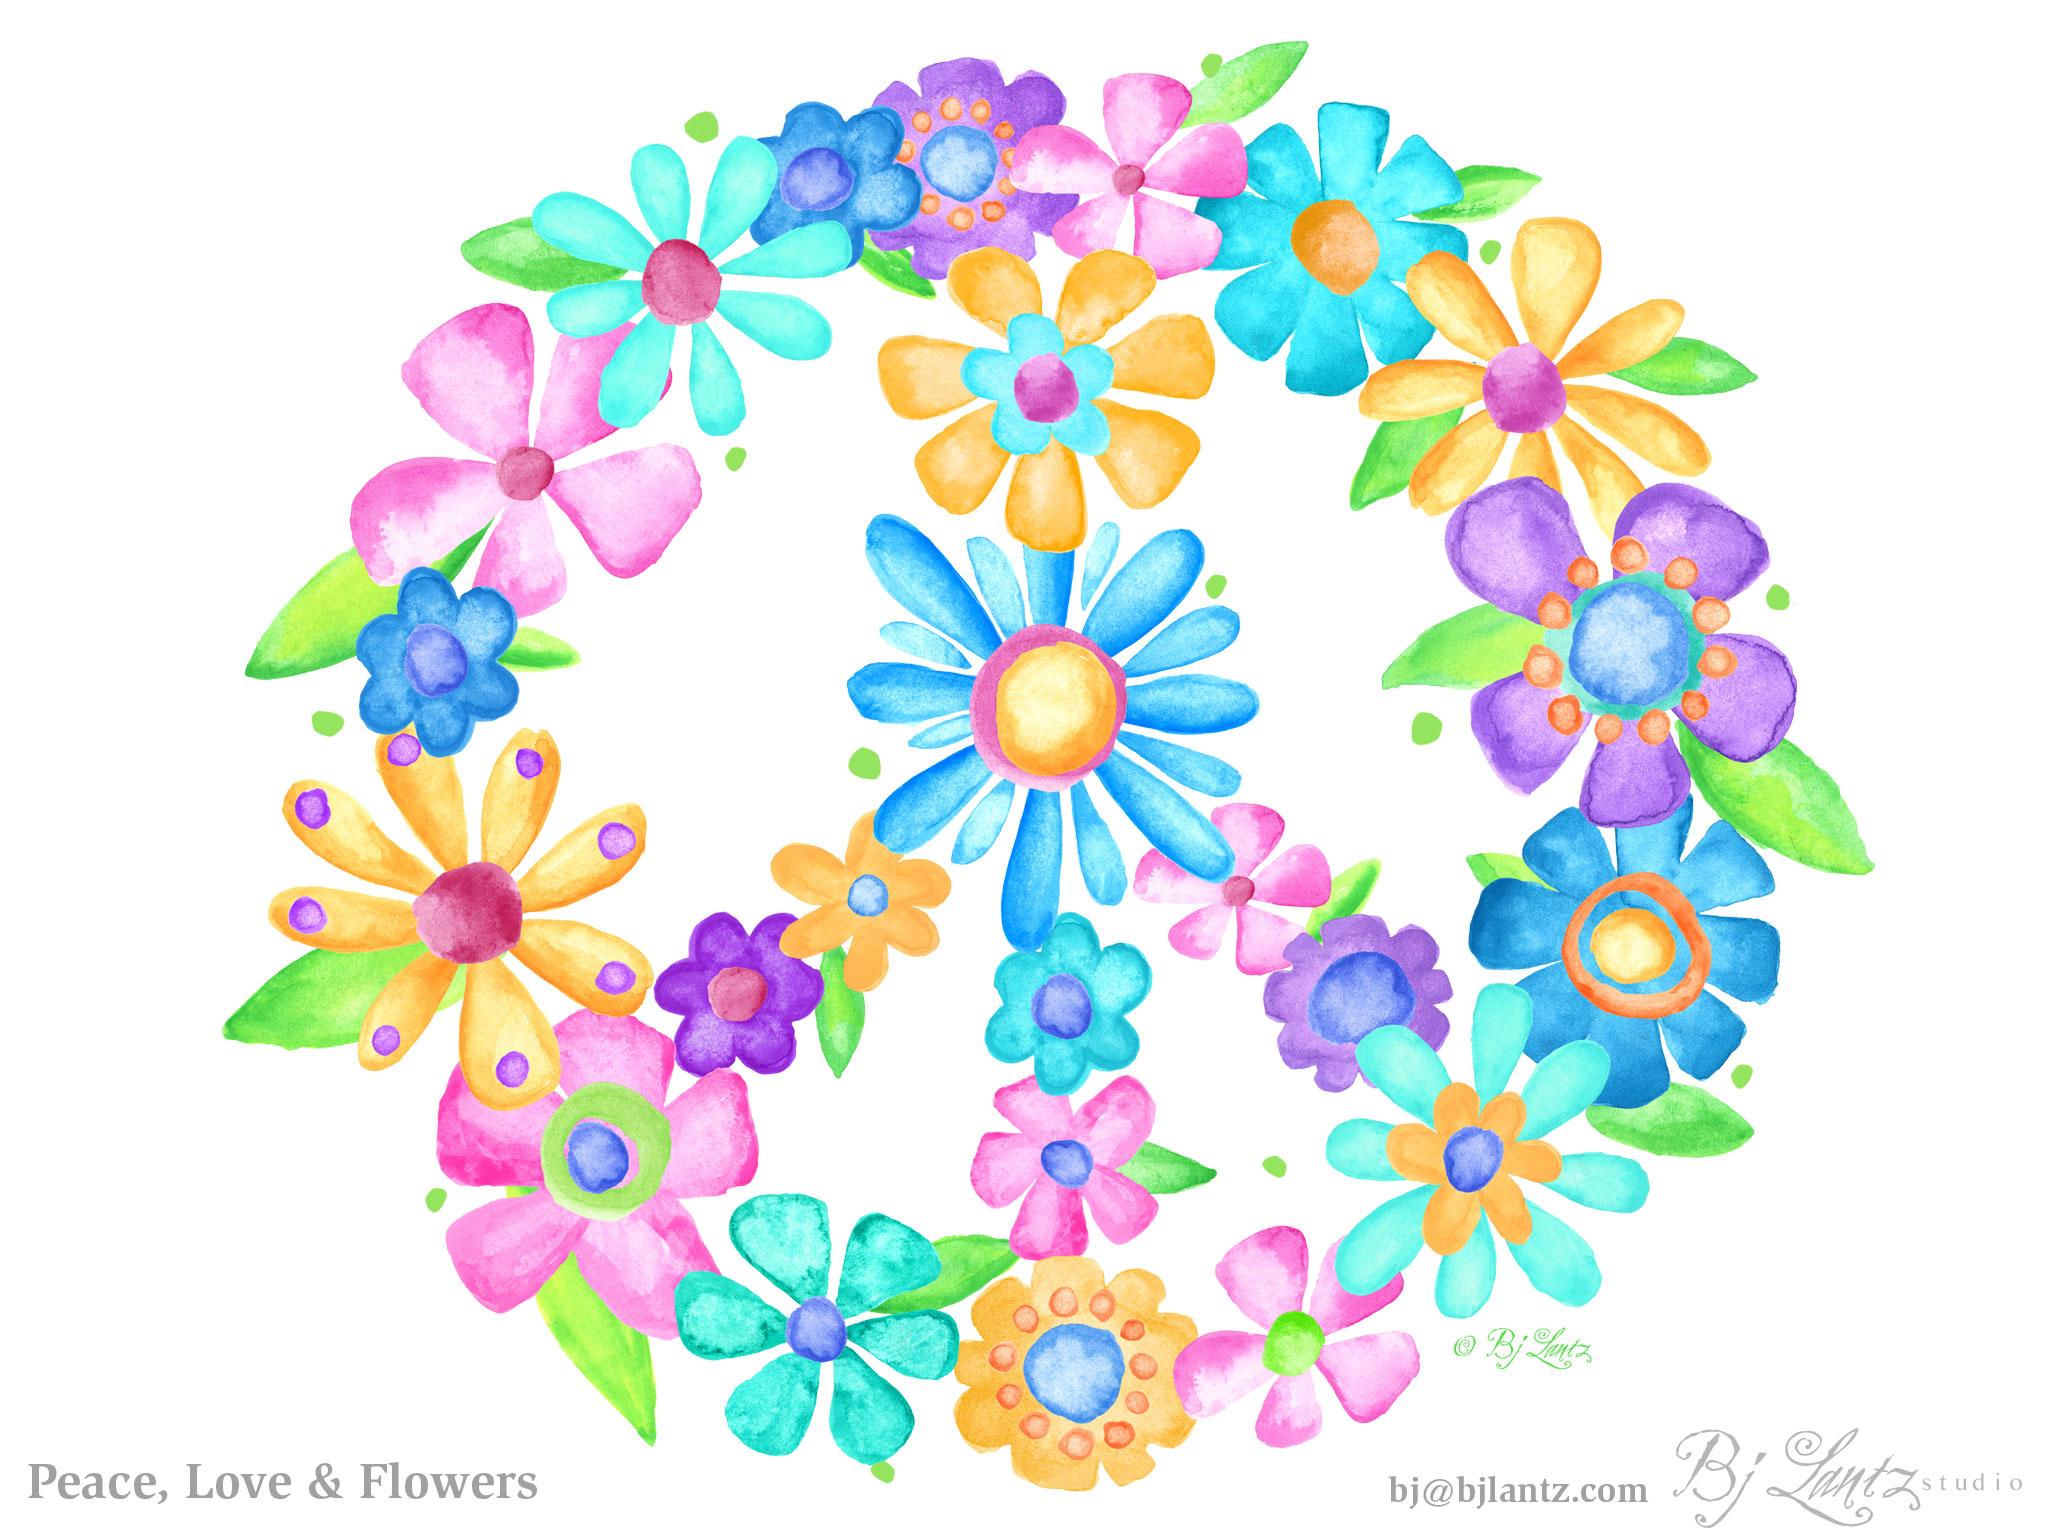 PeaceLoveFlowers_BJ-Lantz_1.jpg